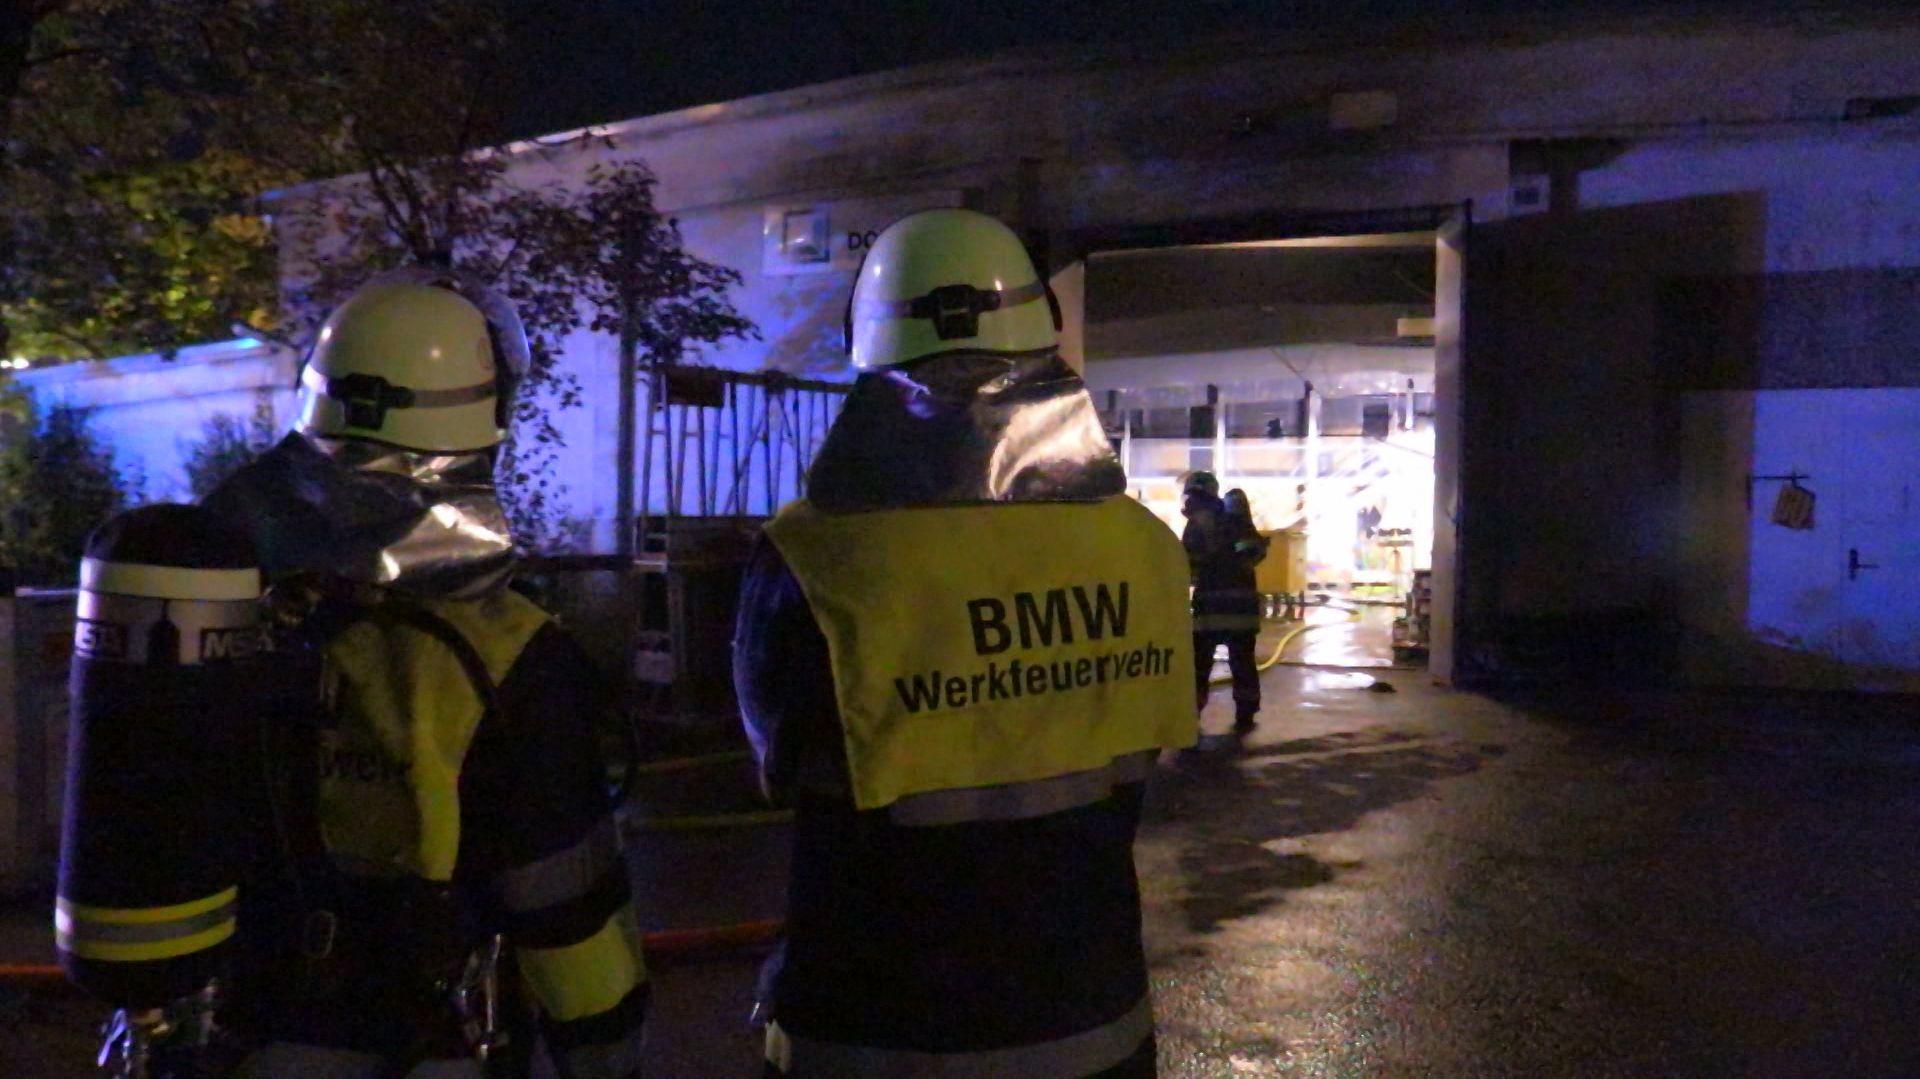 Auf einem Werksgelände von BMW in München ist am Abend ein Feuer ausgebrochen. Der Brand entstand in einer Halle mit Baumaterial. Die Brandursache ist noch unklar.